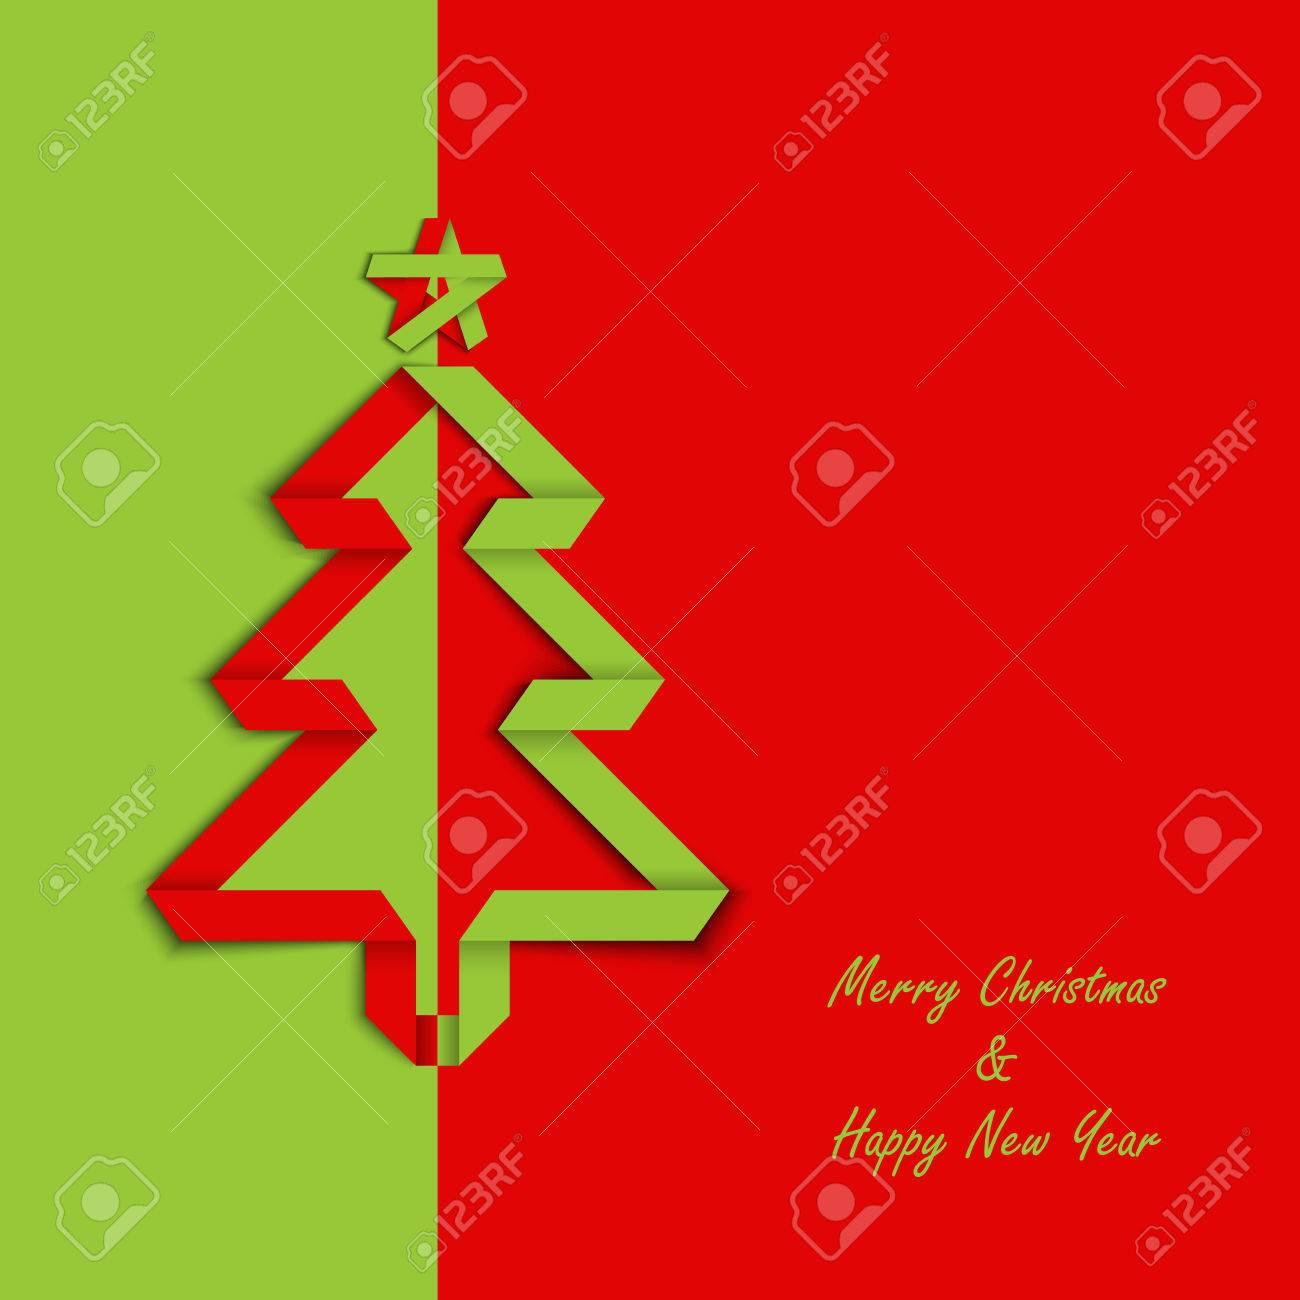 Weihnachtskarte Mit Gefalteten Grün Rot Papier Baum Vorlage Vektor